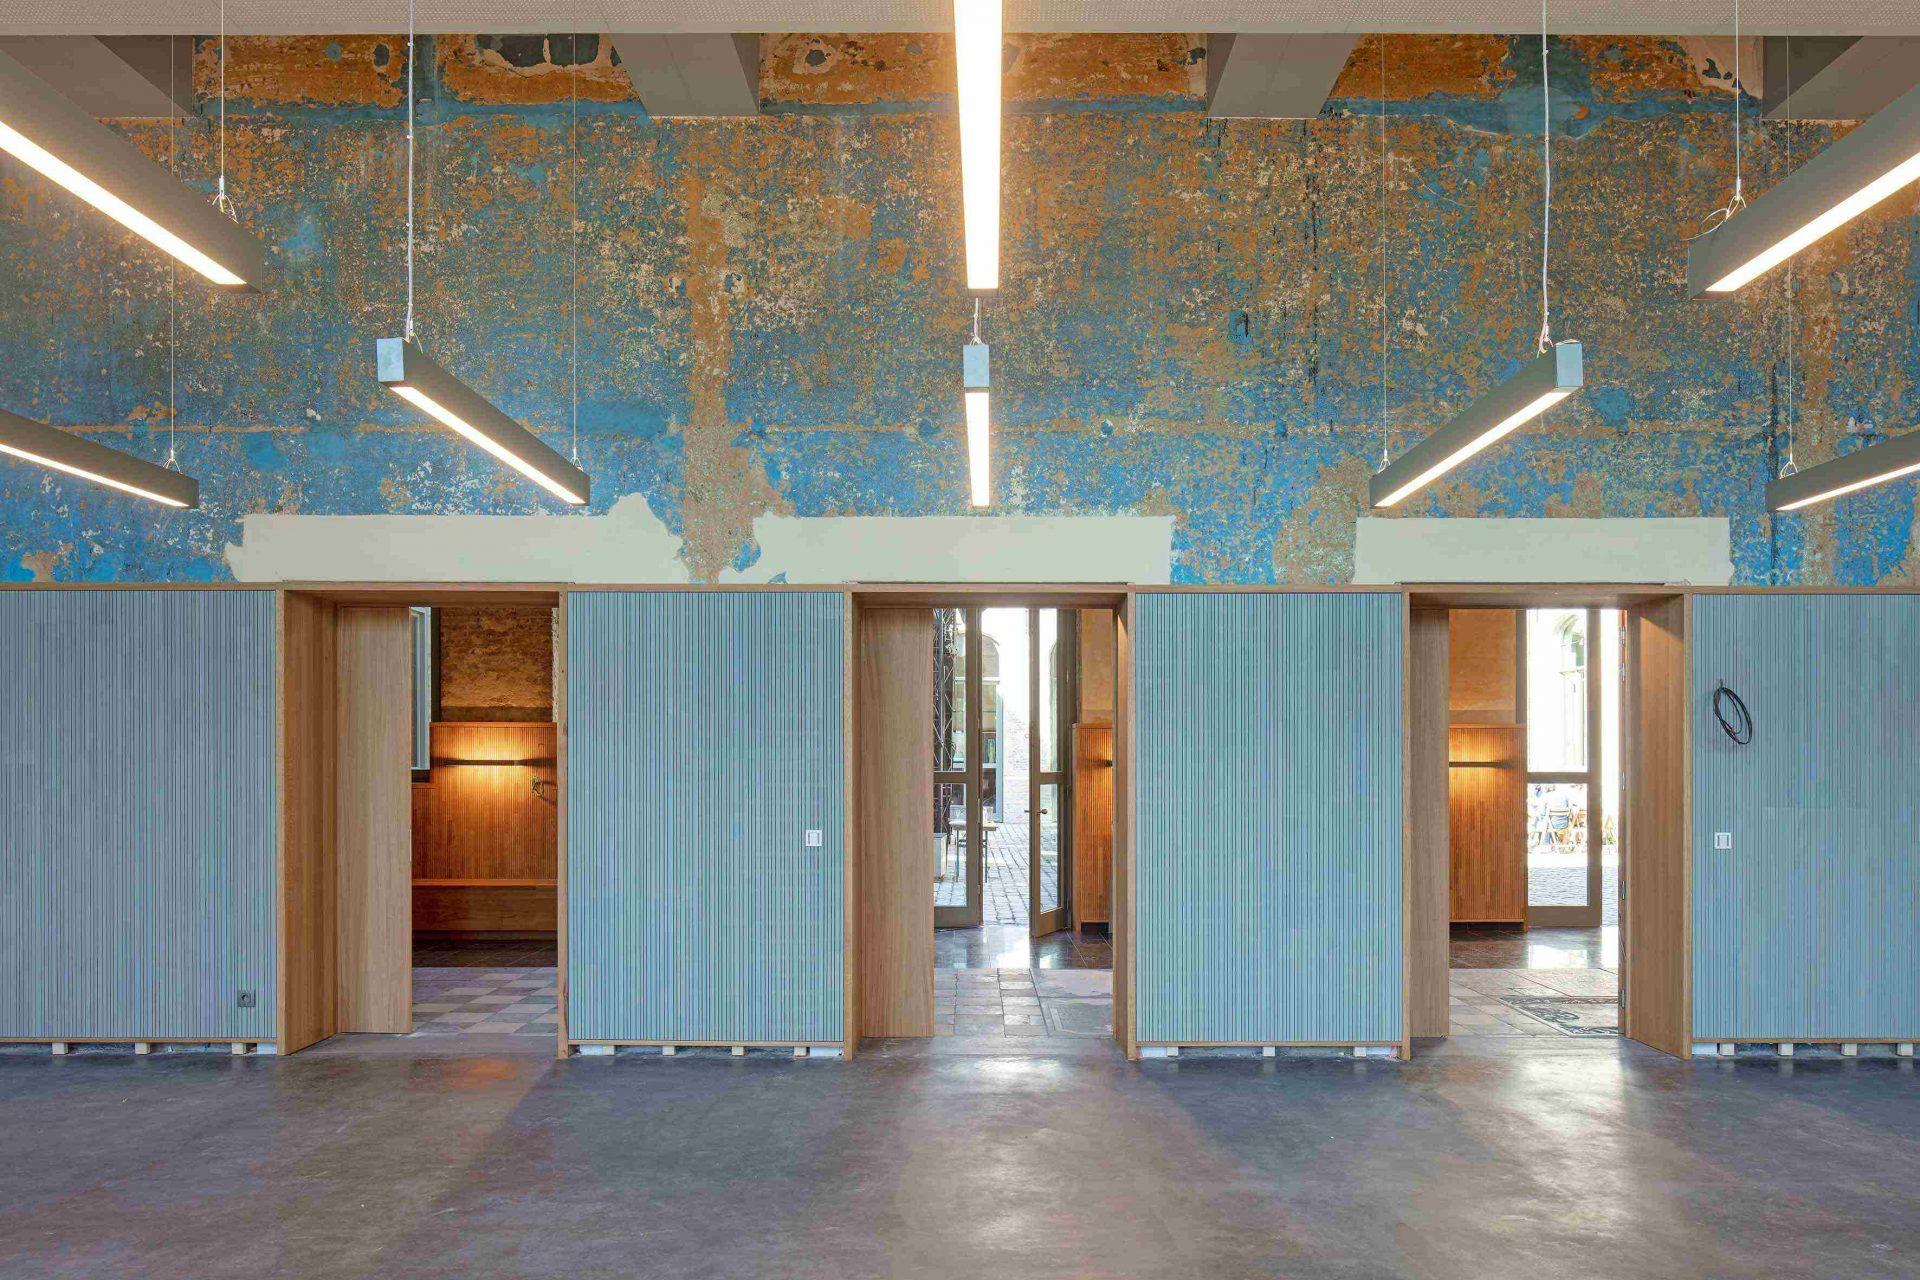 Mechelen Blauwe Kamer